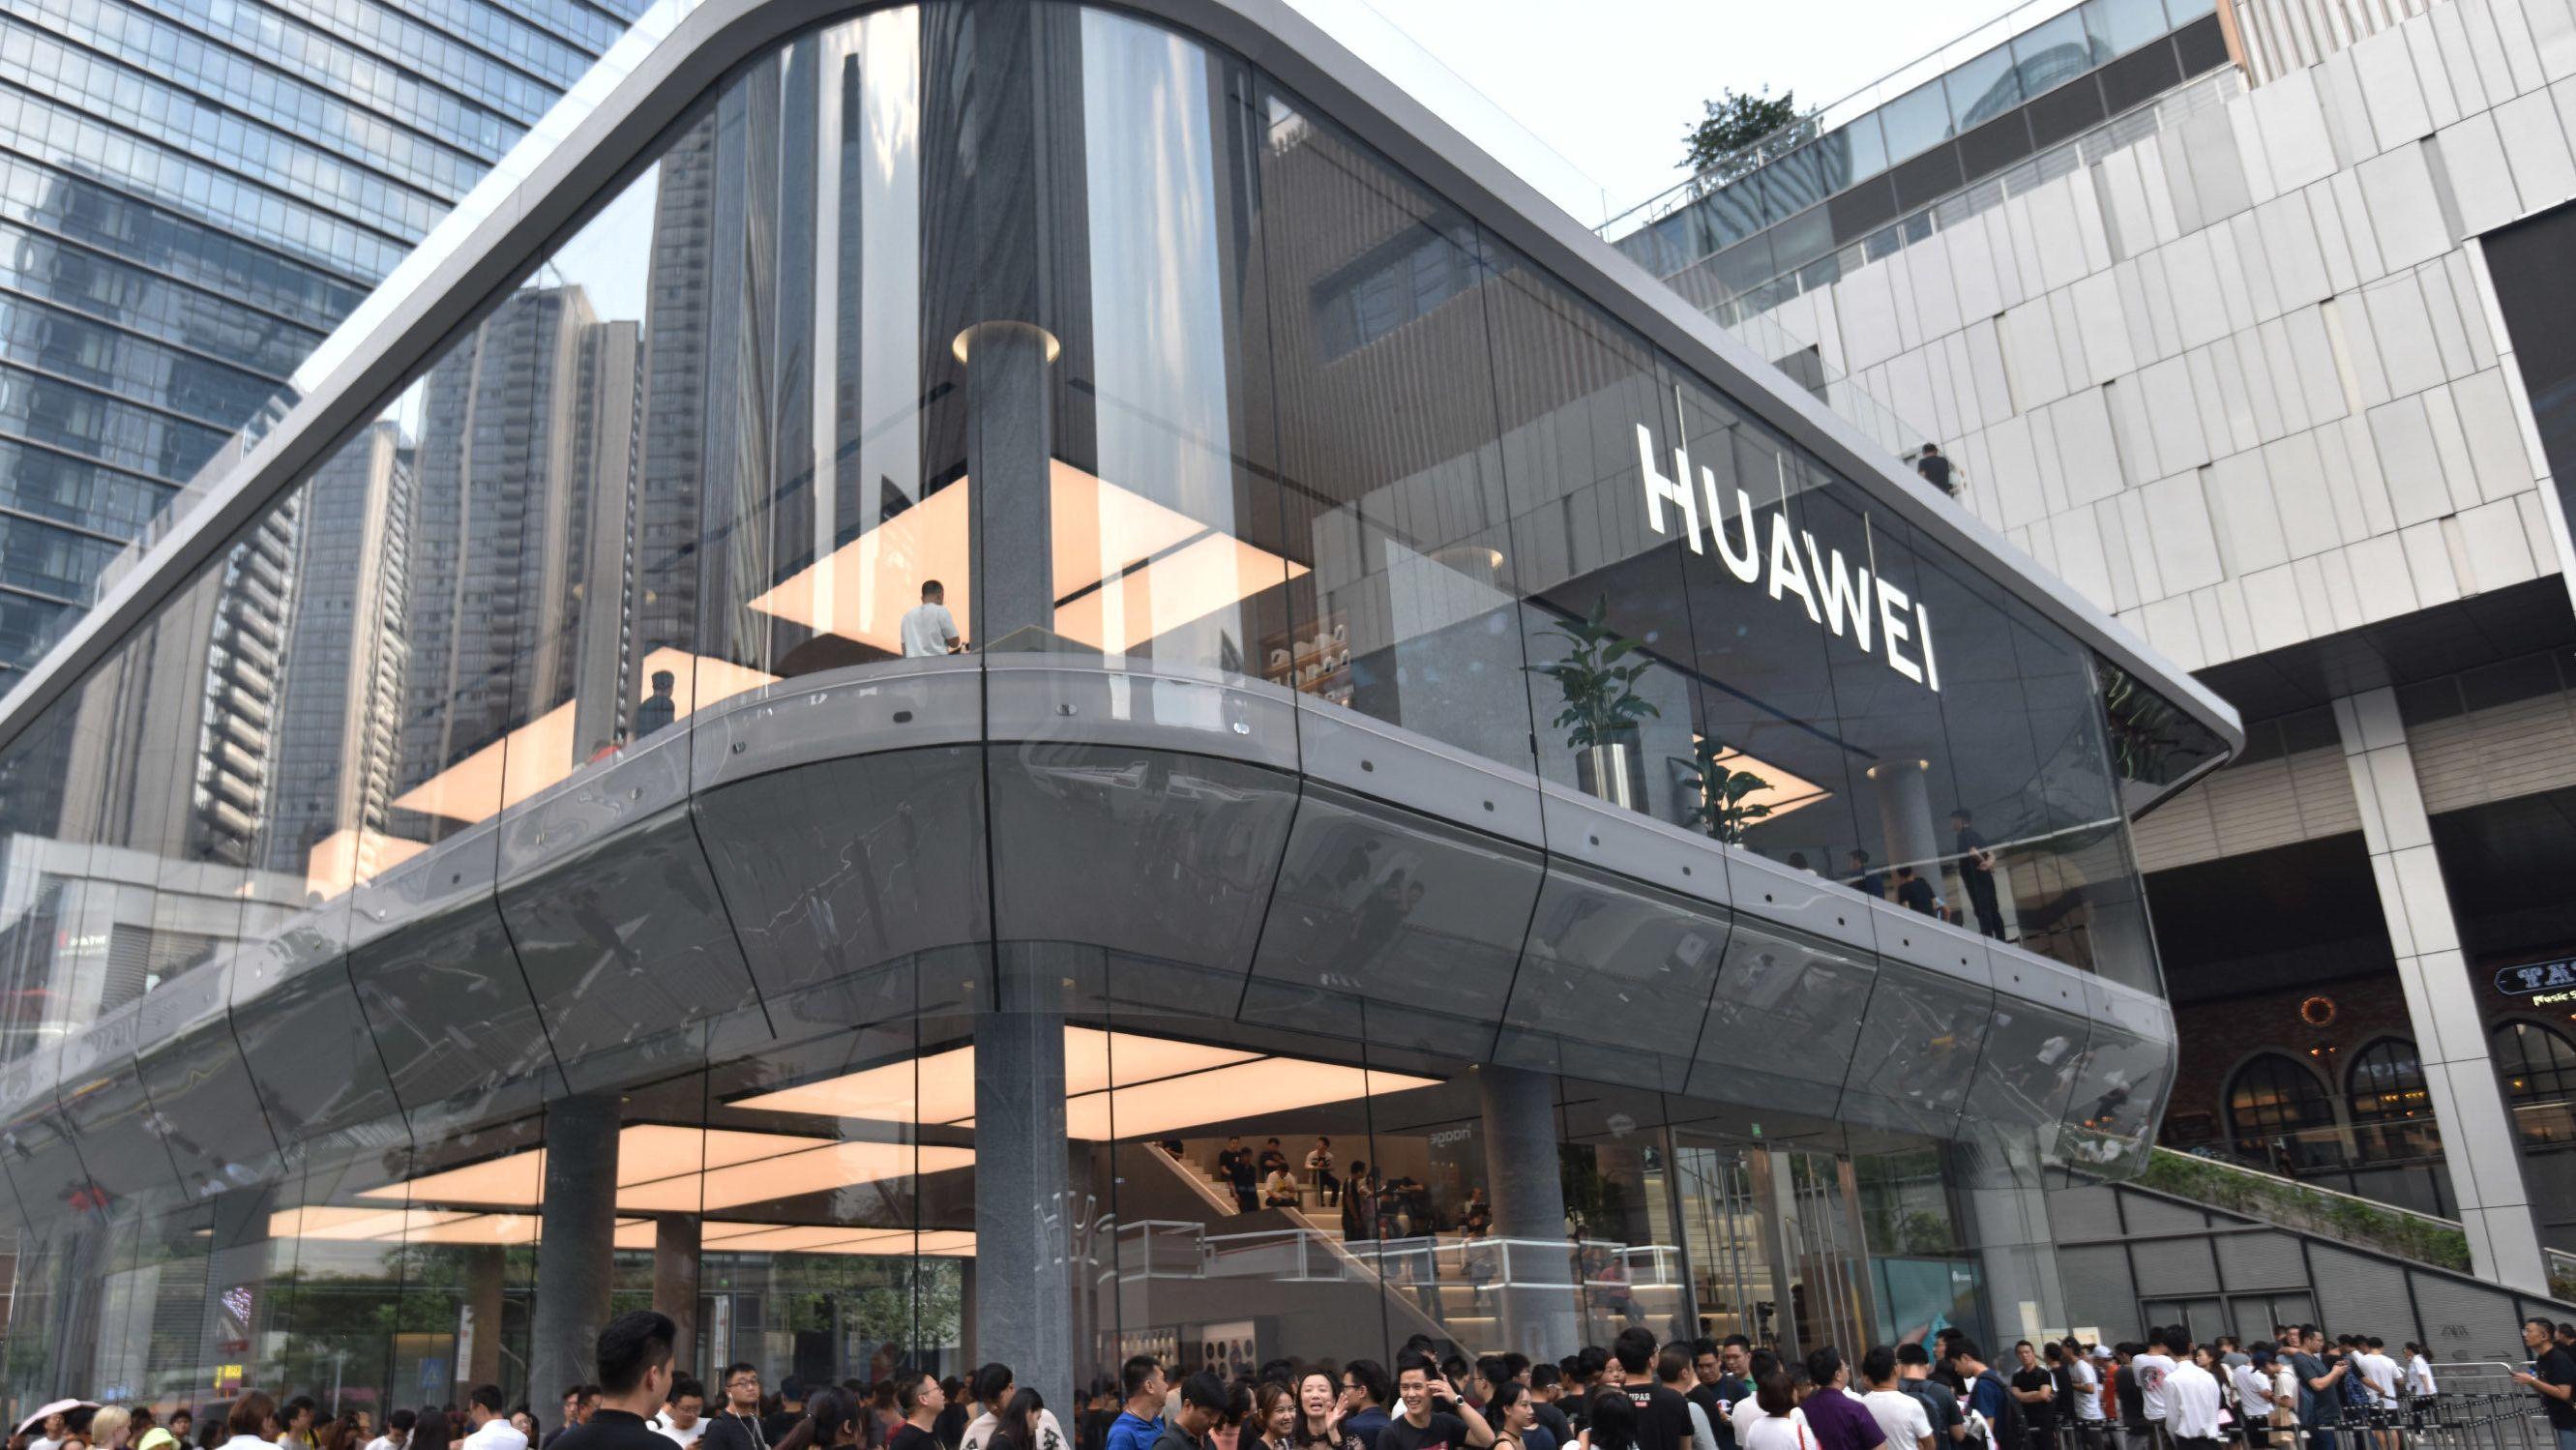 Huawei liefert jedoch weit mehr als Handys und Smartphones. Sie will auch an Deutschlands Infrastruktur mitwirken.